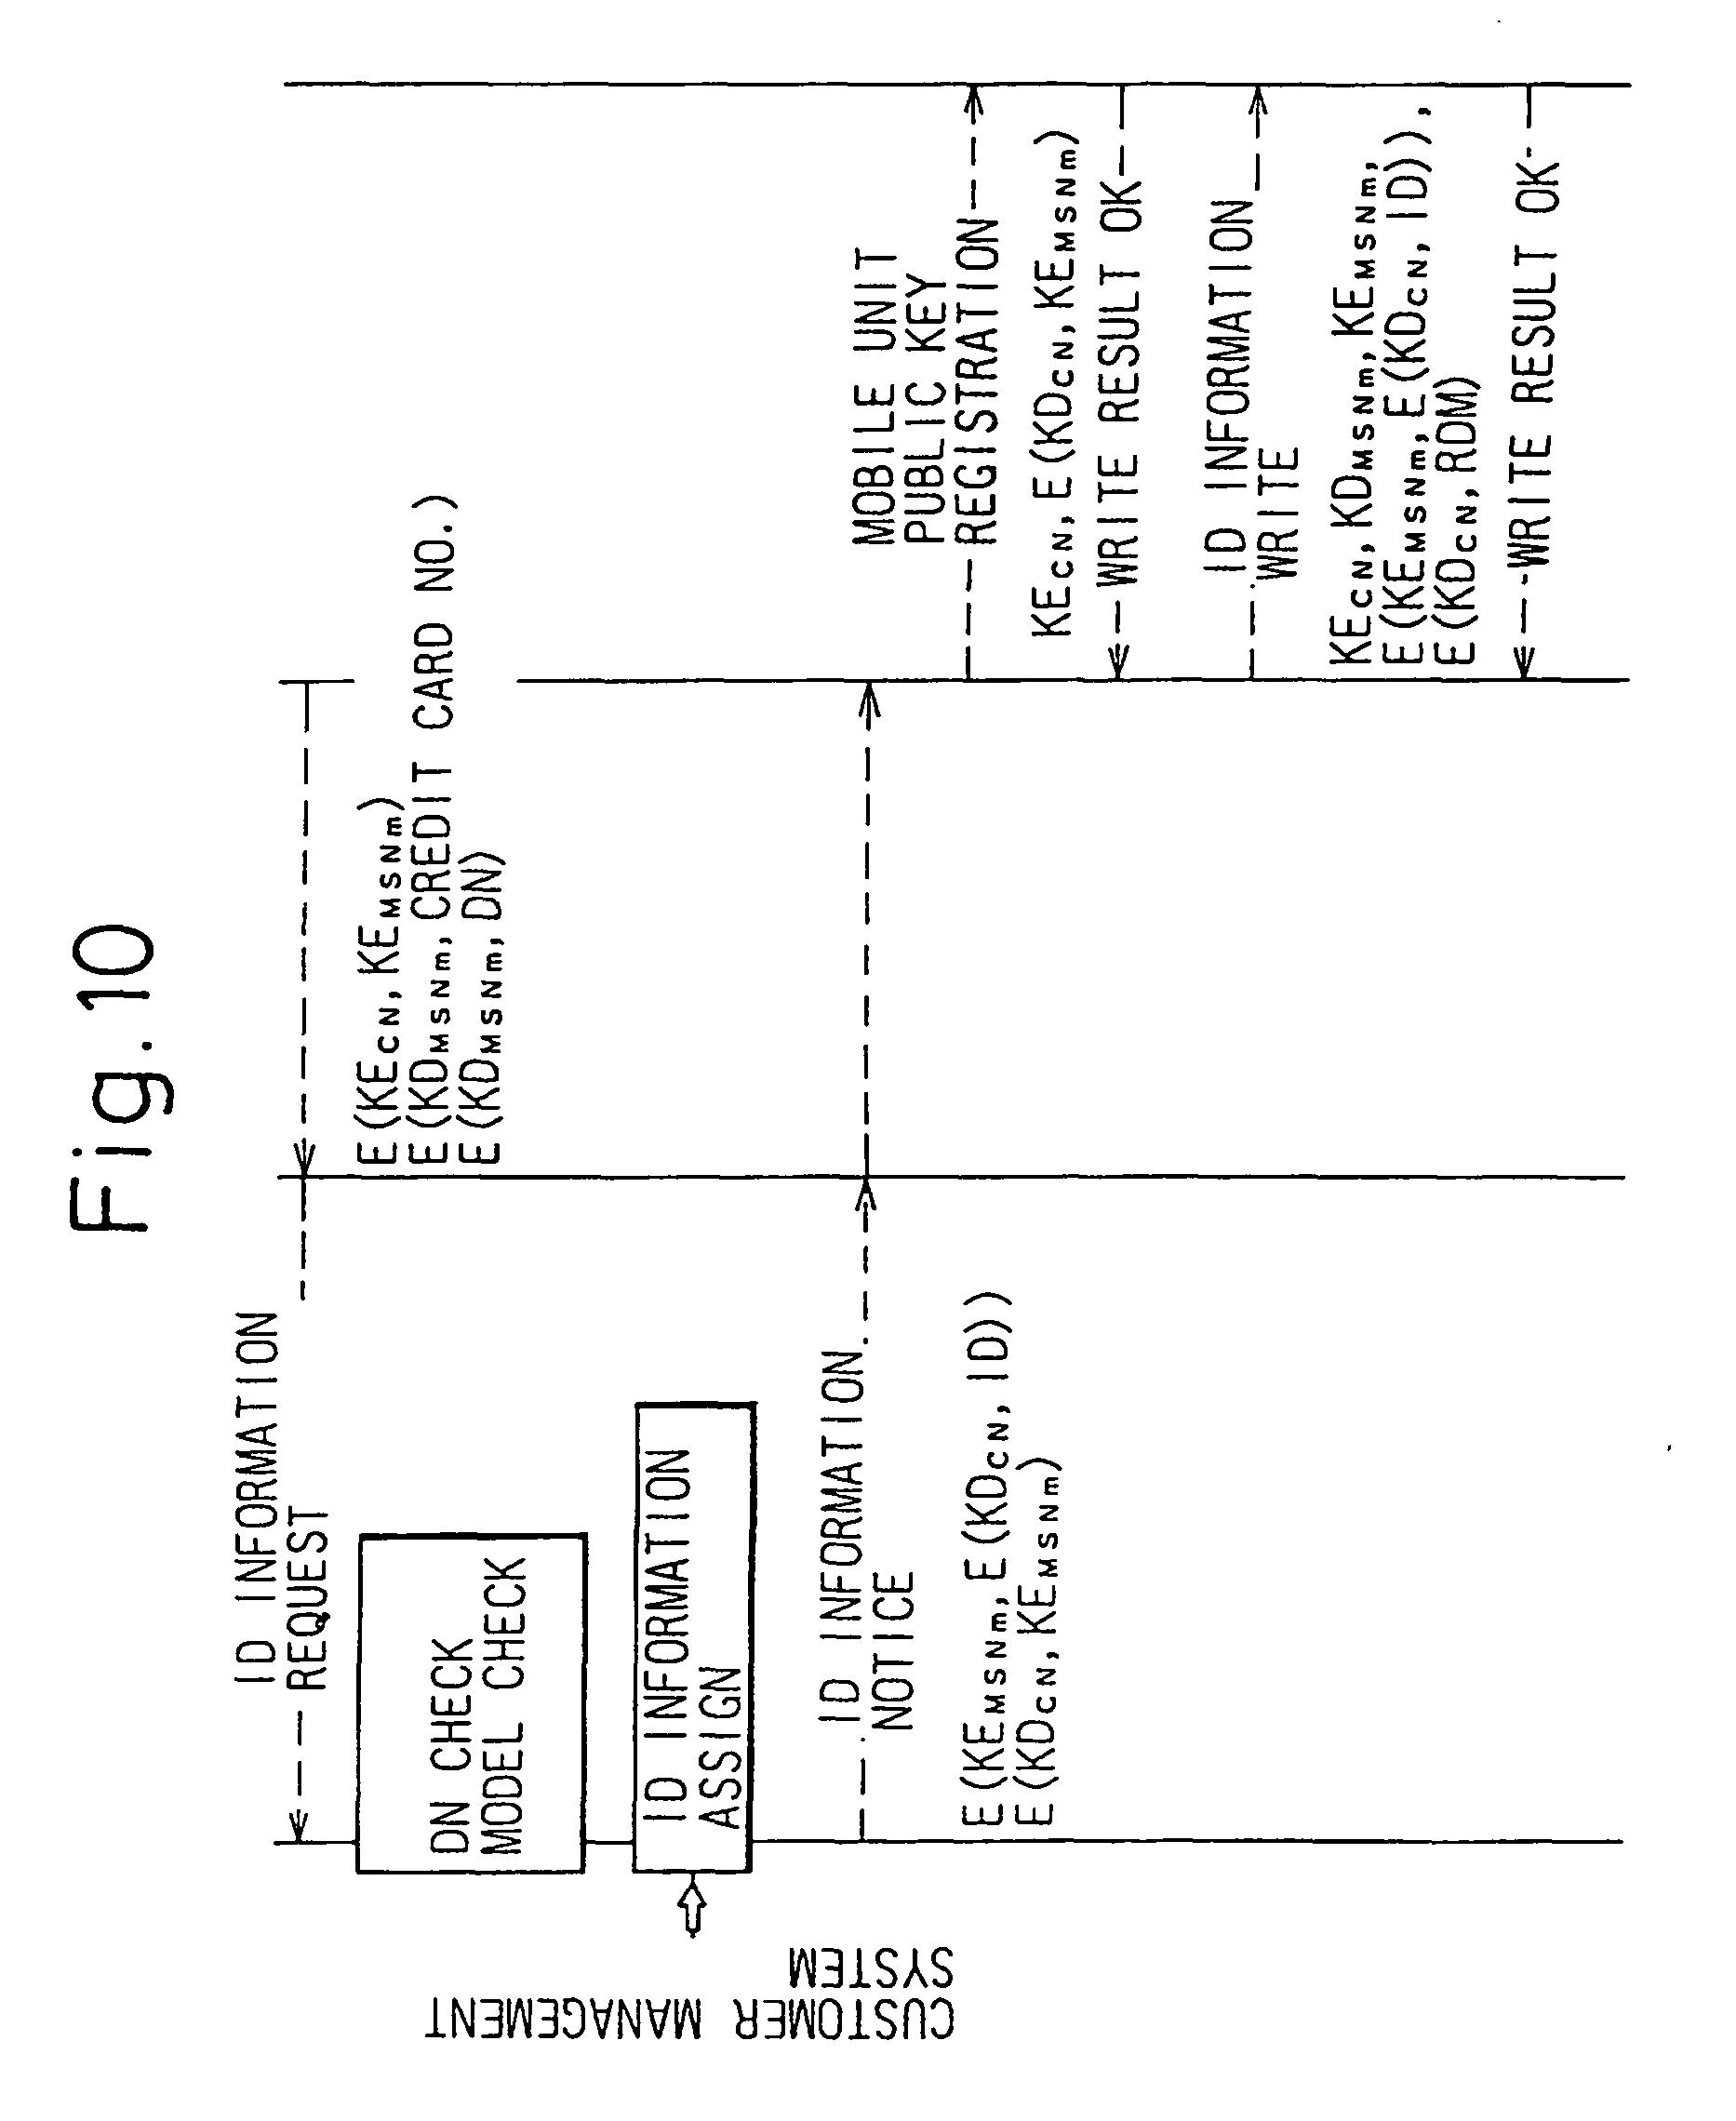 专利ep0652681b1 - verfahren